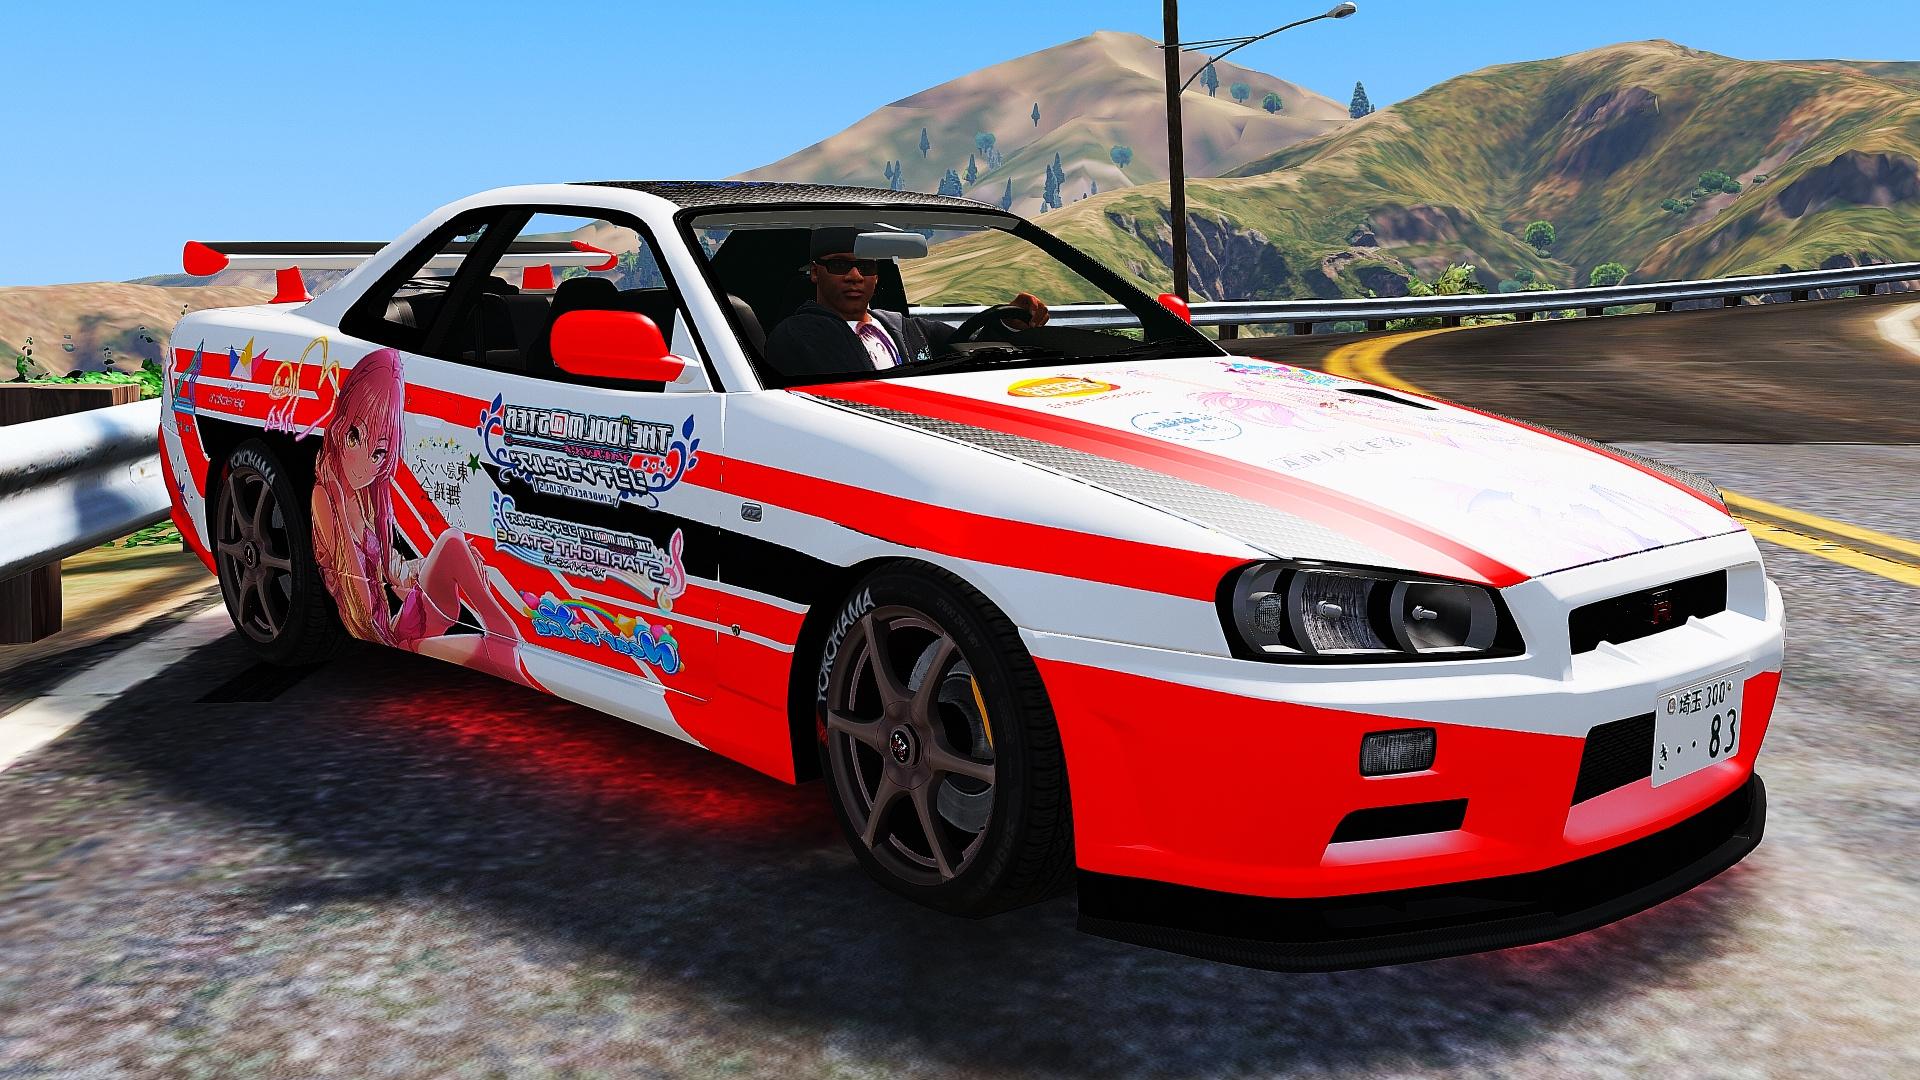 Nissan Skyline GT-R (BNR34) Itasha Livery - GTA5-Mods.com